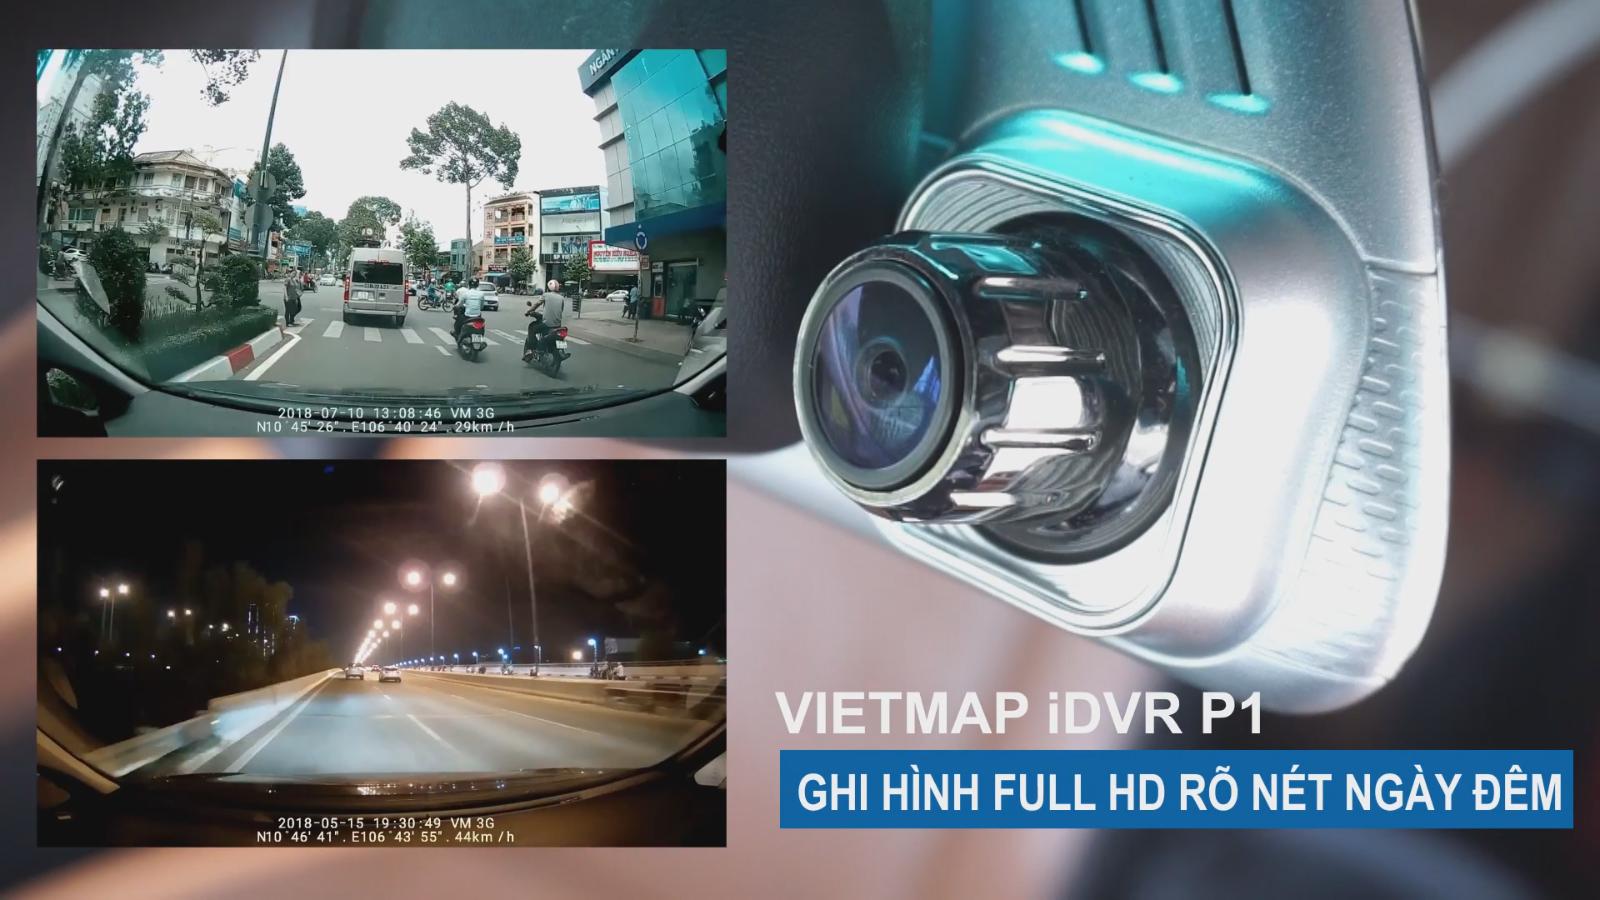 iDVR P1 ghi hình trước sau rõ nét